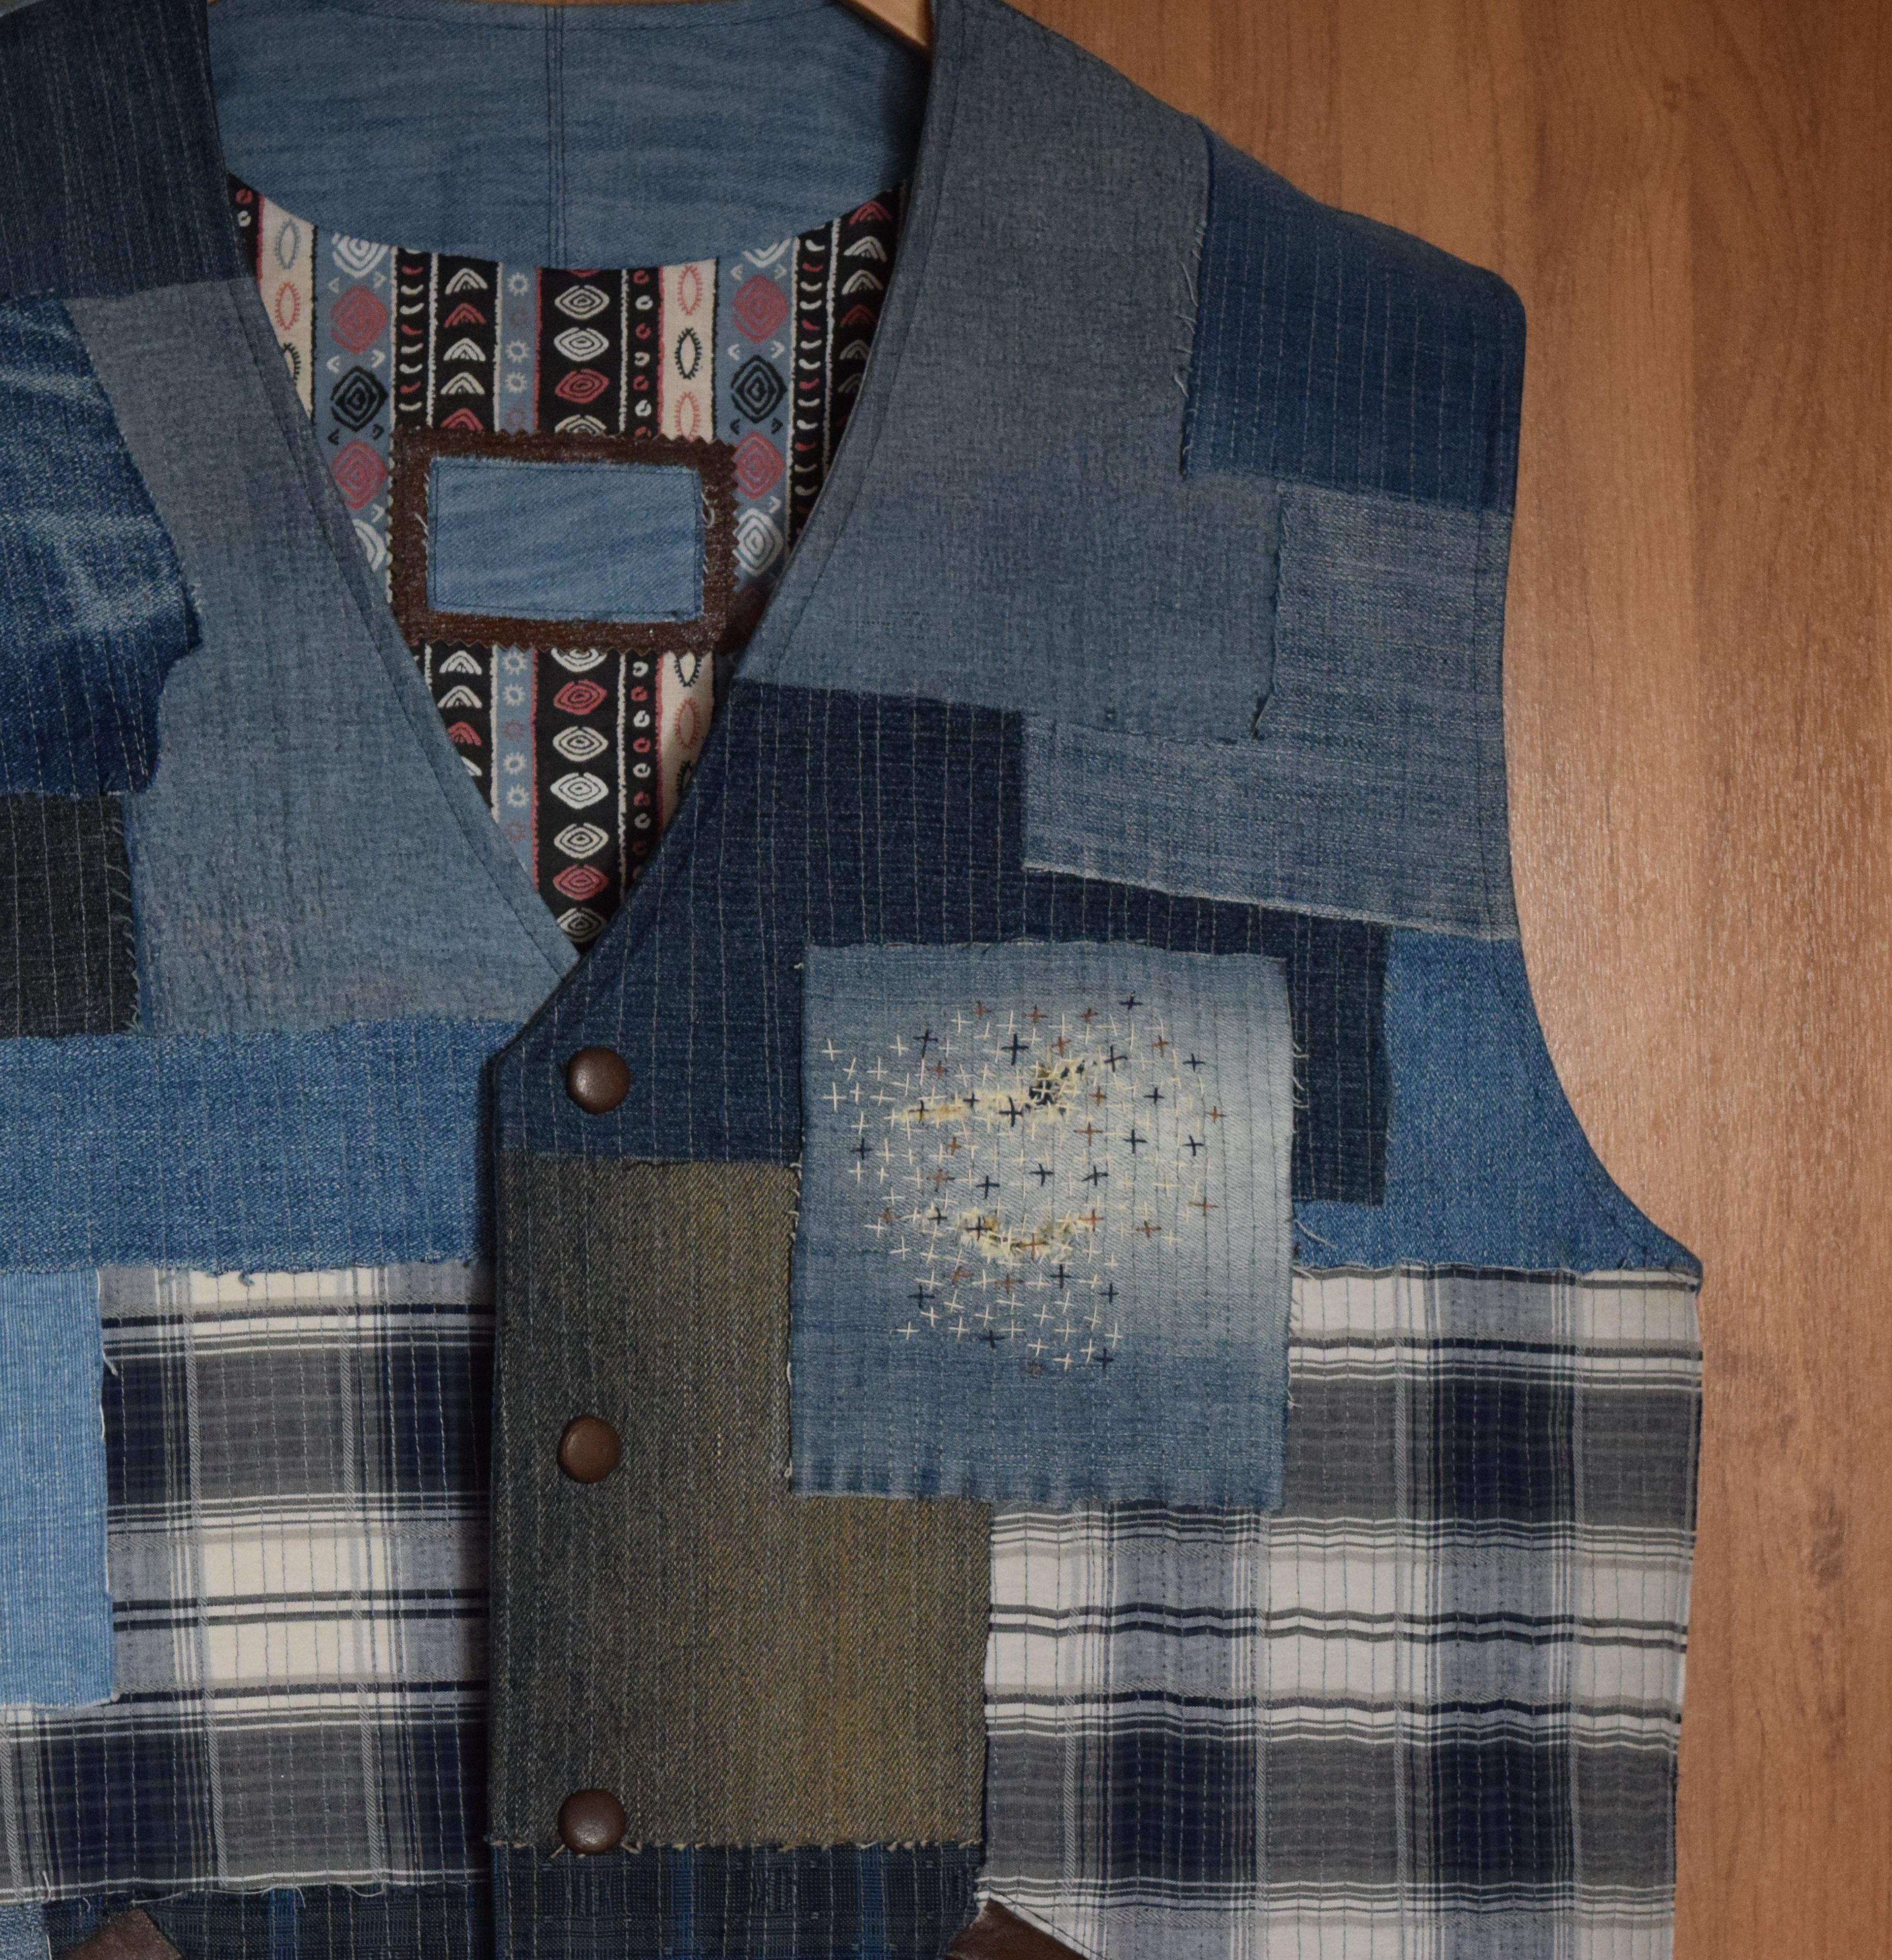 мужскойодежда мода кожа джинс кэжуал стиль креатив жилет hendmade купить своимируками